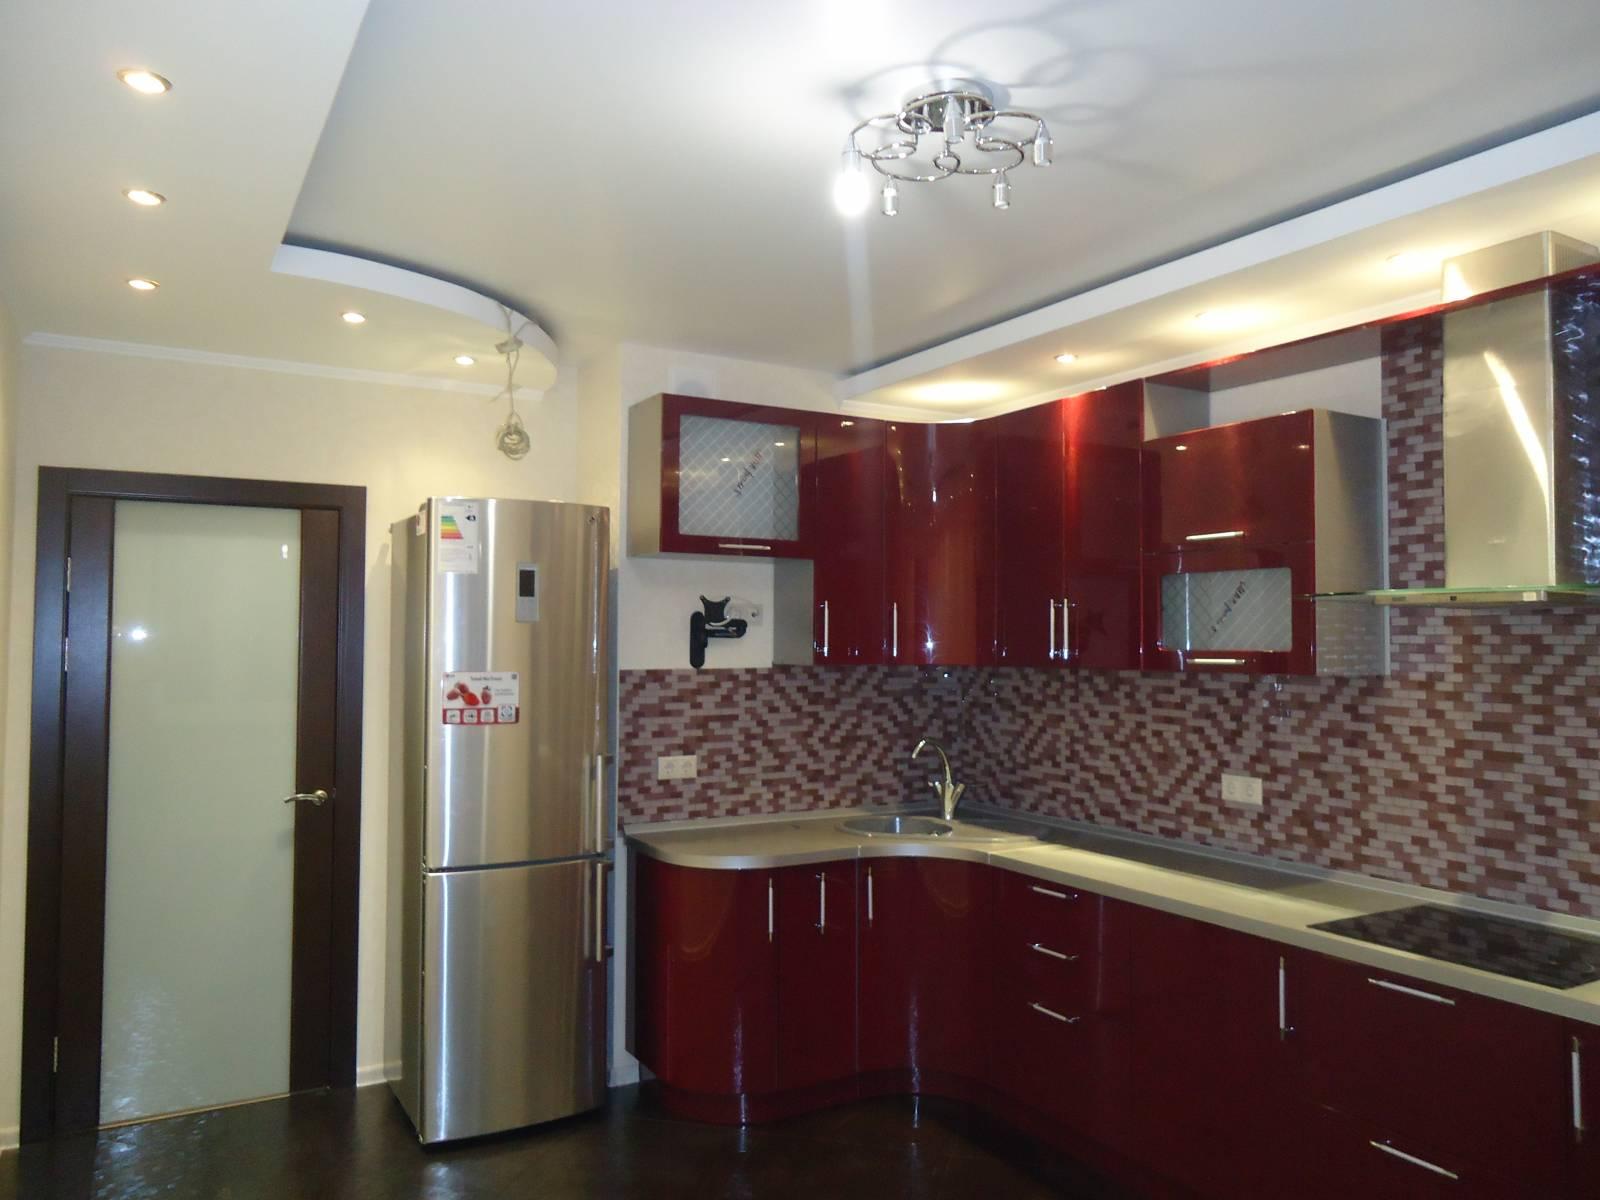 Дизайн на кухне своими руками фото